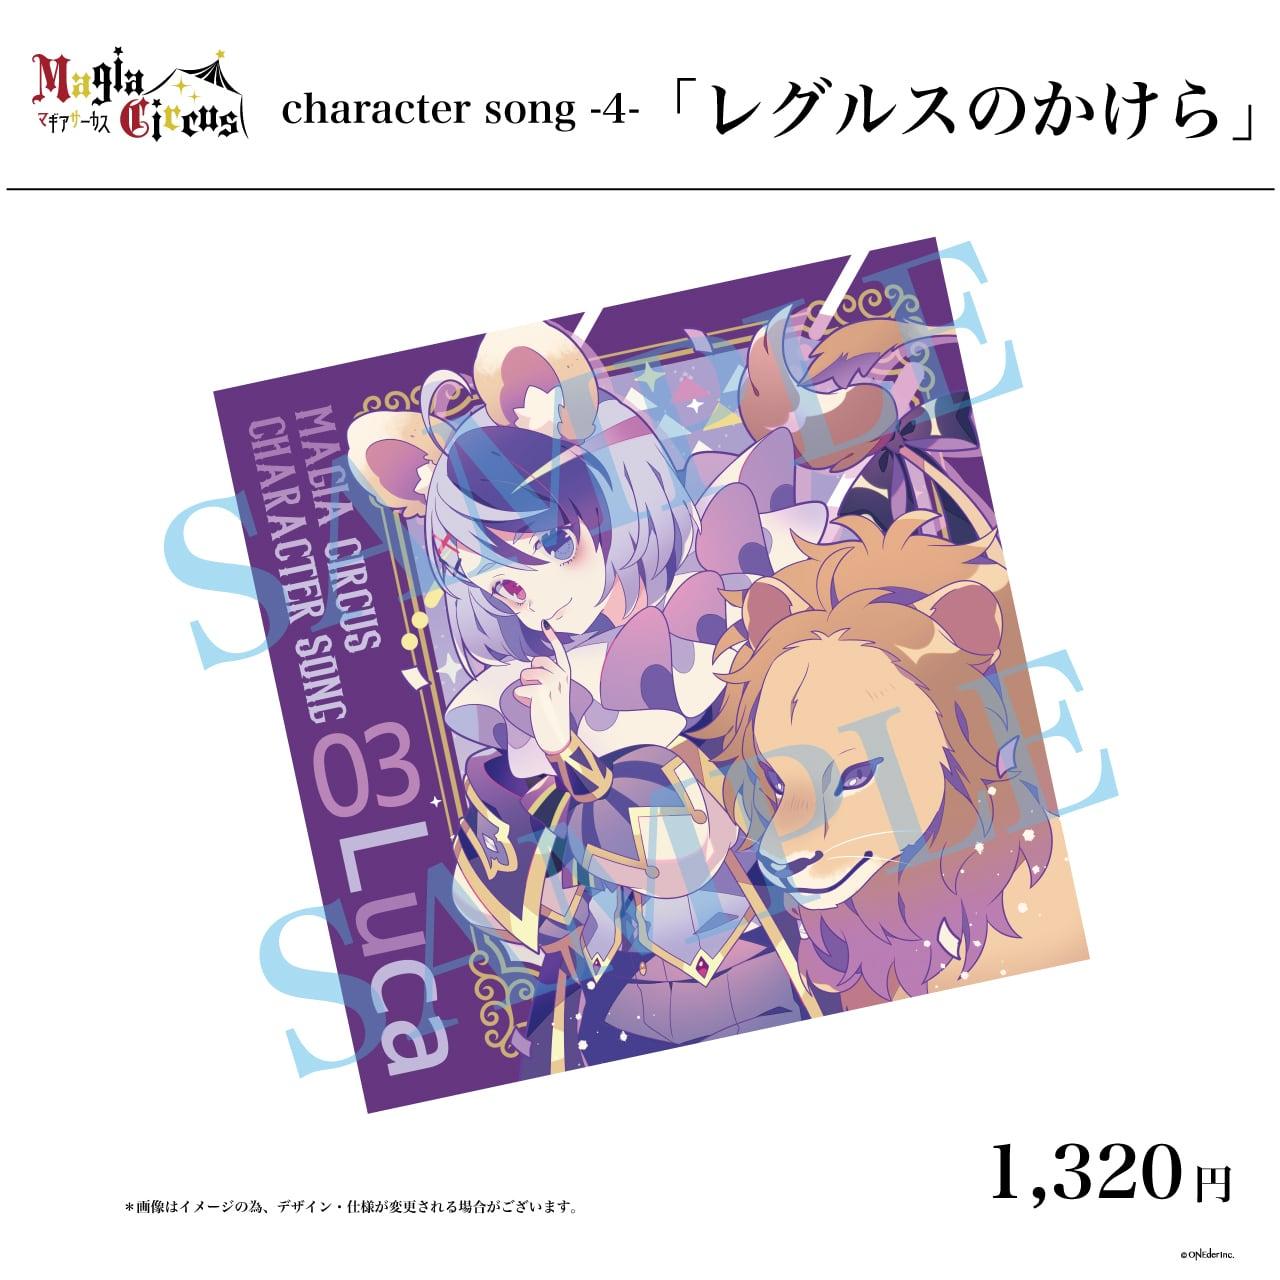 【予約商品同梱】Magia Circus character song -4- 「レグルスのかけら」